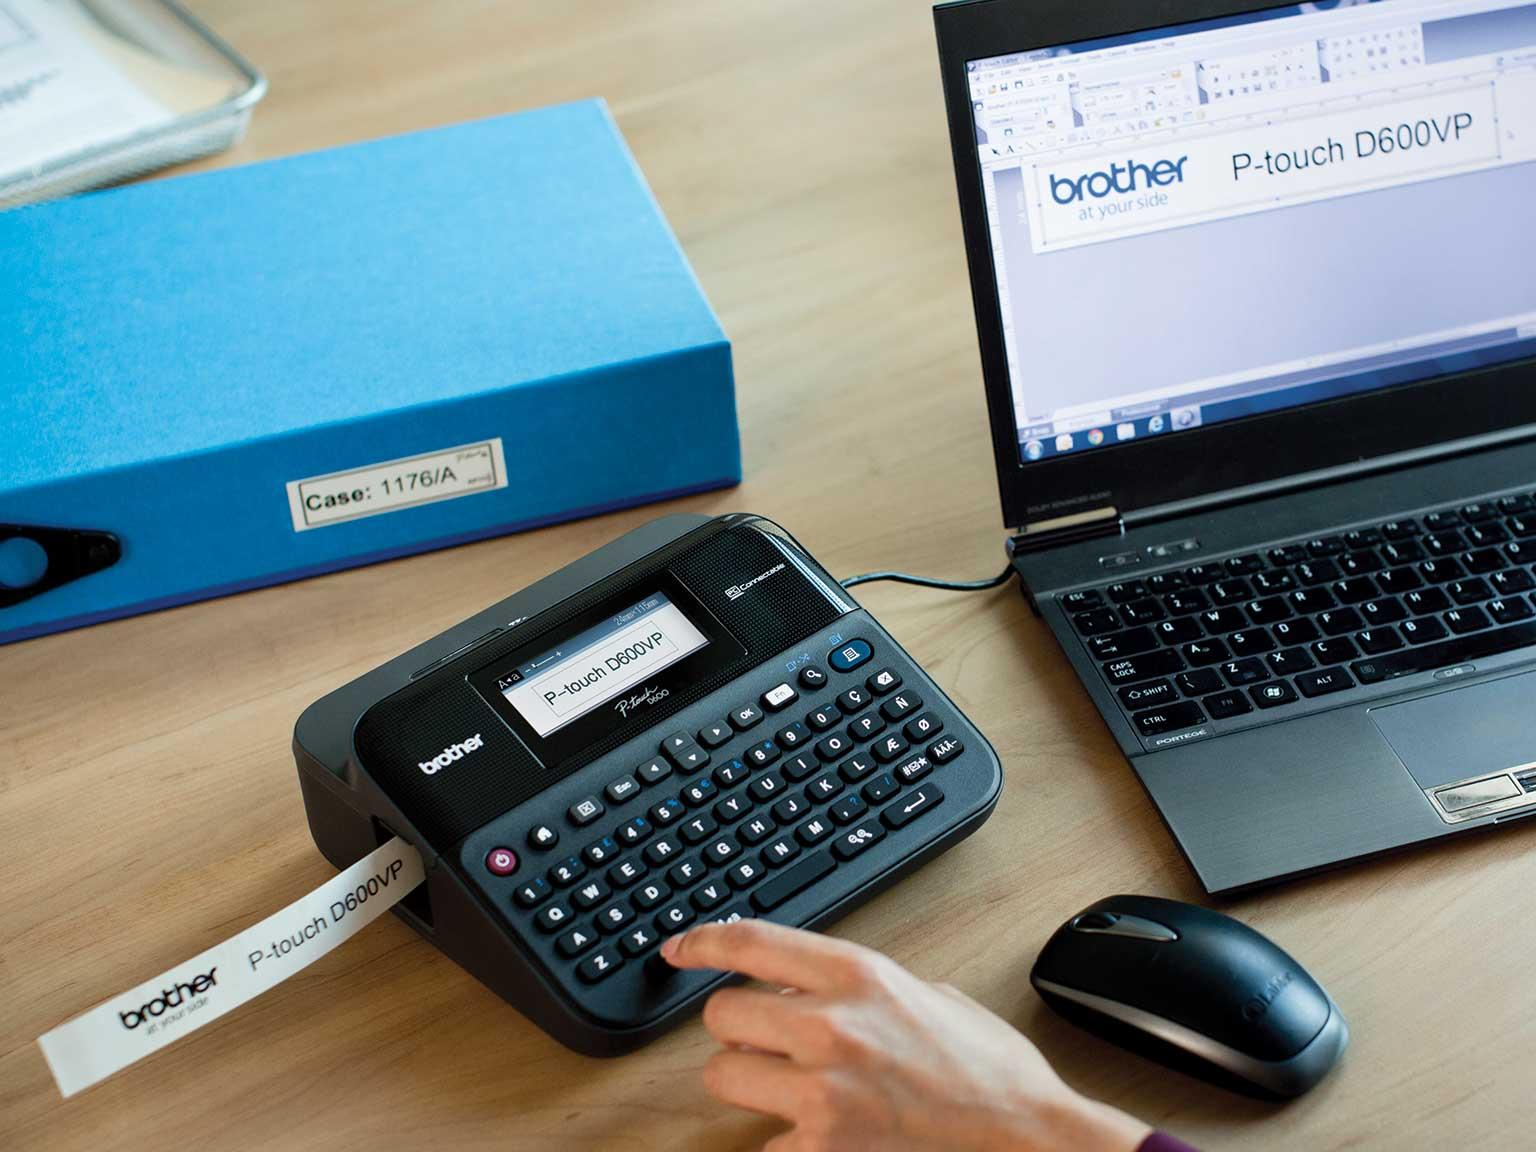 P-touch-tarratulostin tulostaa tarraa läppäristä